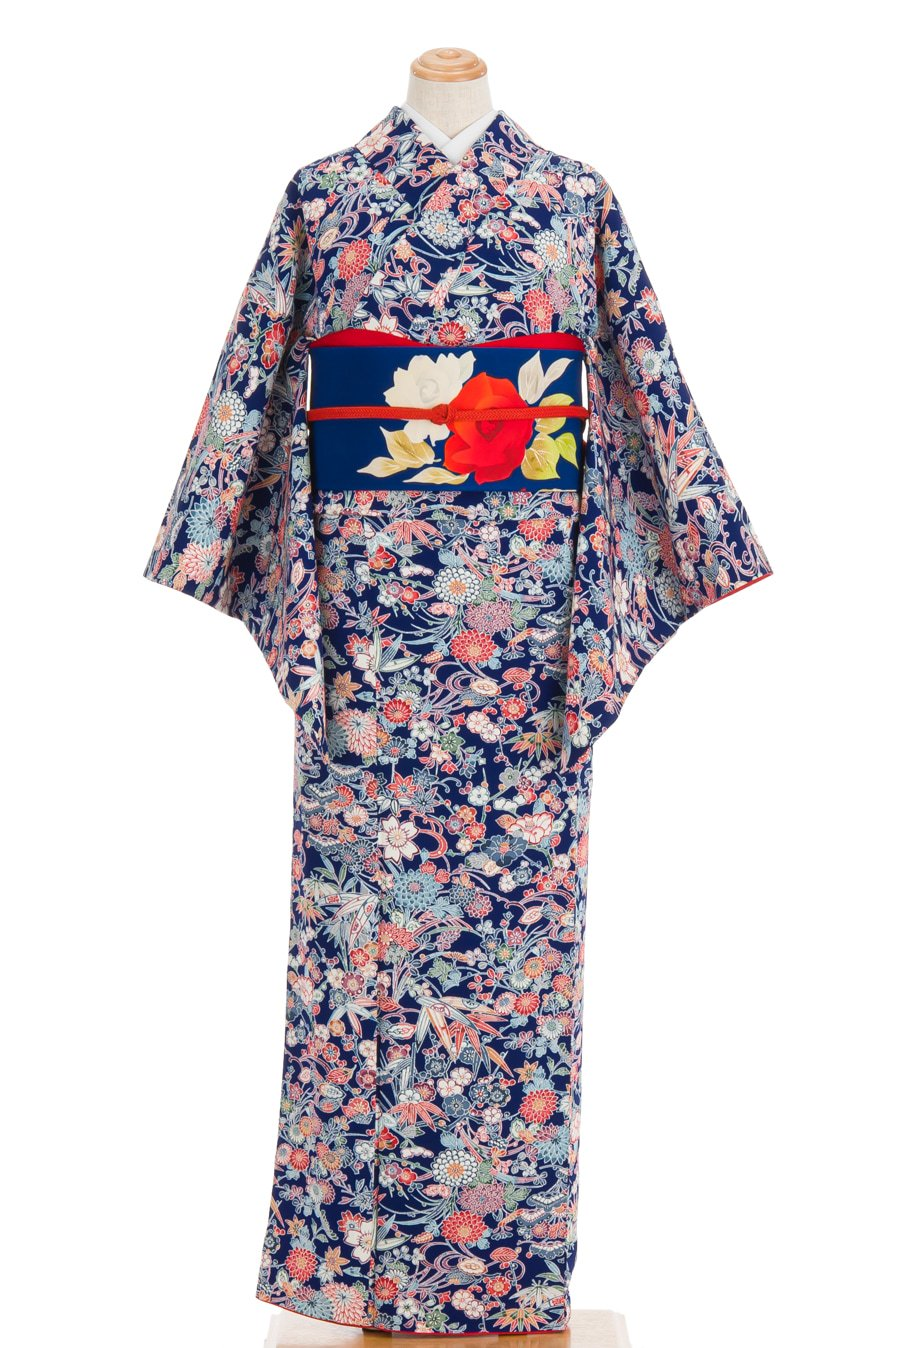 「紅型小紋 紺地 四季花」の商品画像